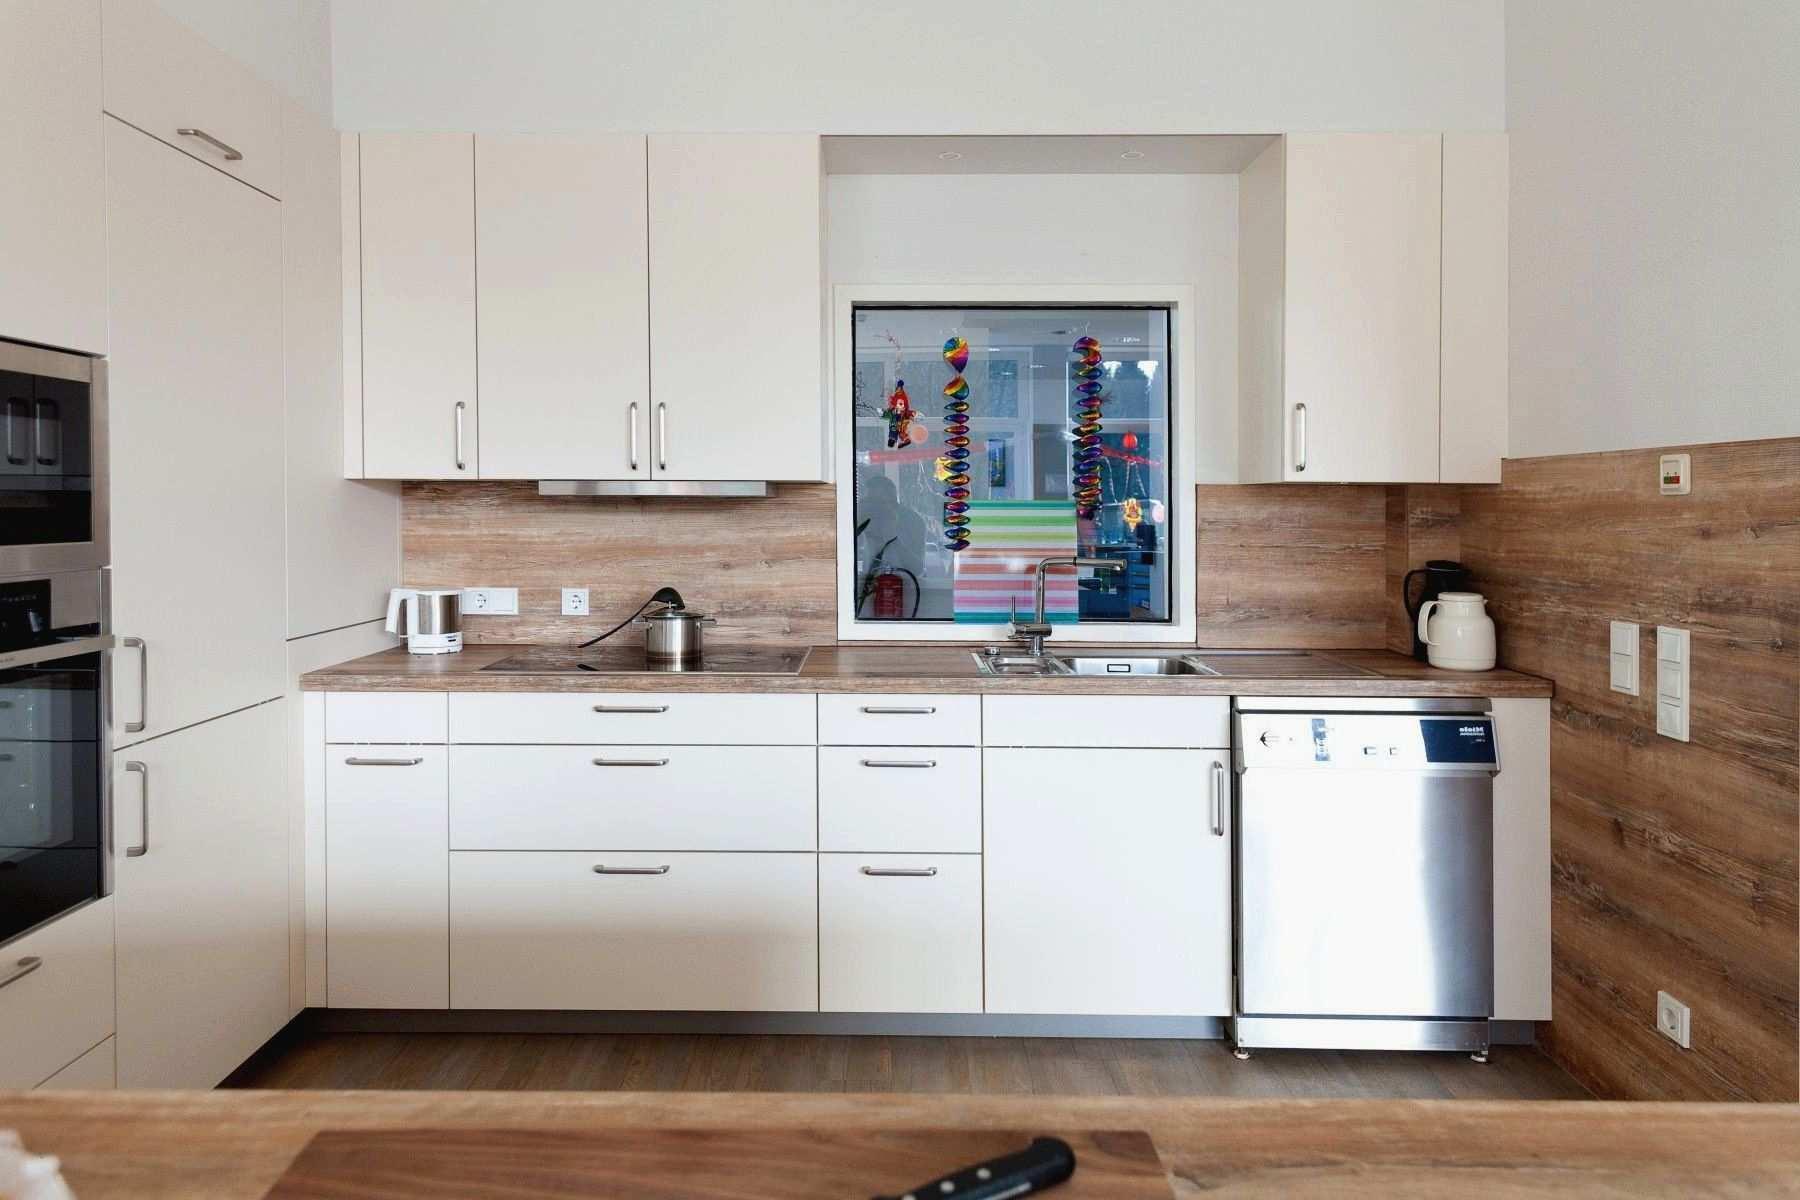 Full Size of Eckunterschrank Küche 60x60 Ikea Eckschrank Klein Amazing With Hängeregal U Form Hochschrank Deckenleuchten Wandtatoo Grifflose Klapptisch Deckenlampe Holz Wohnzimmer Eckunterschrank Küche 60x60 Ikea